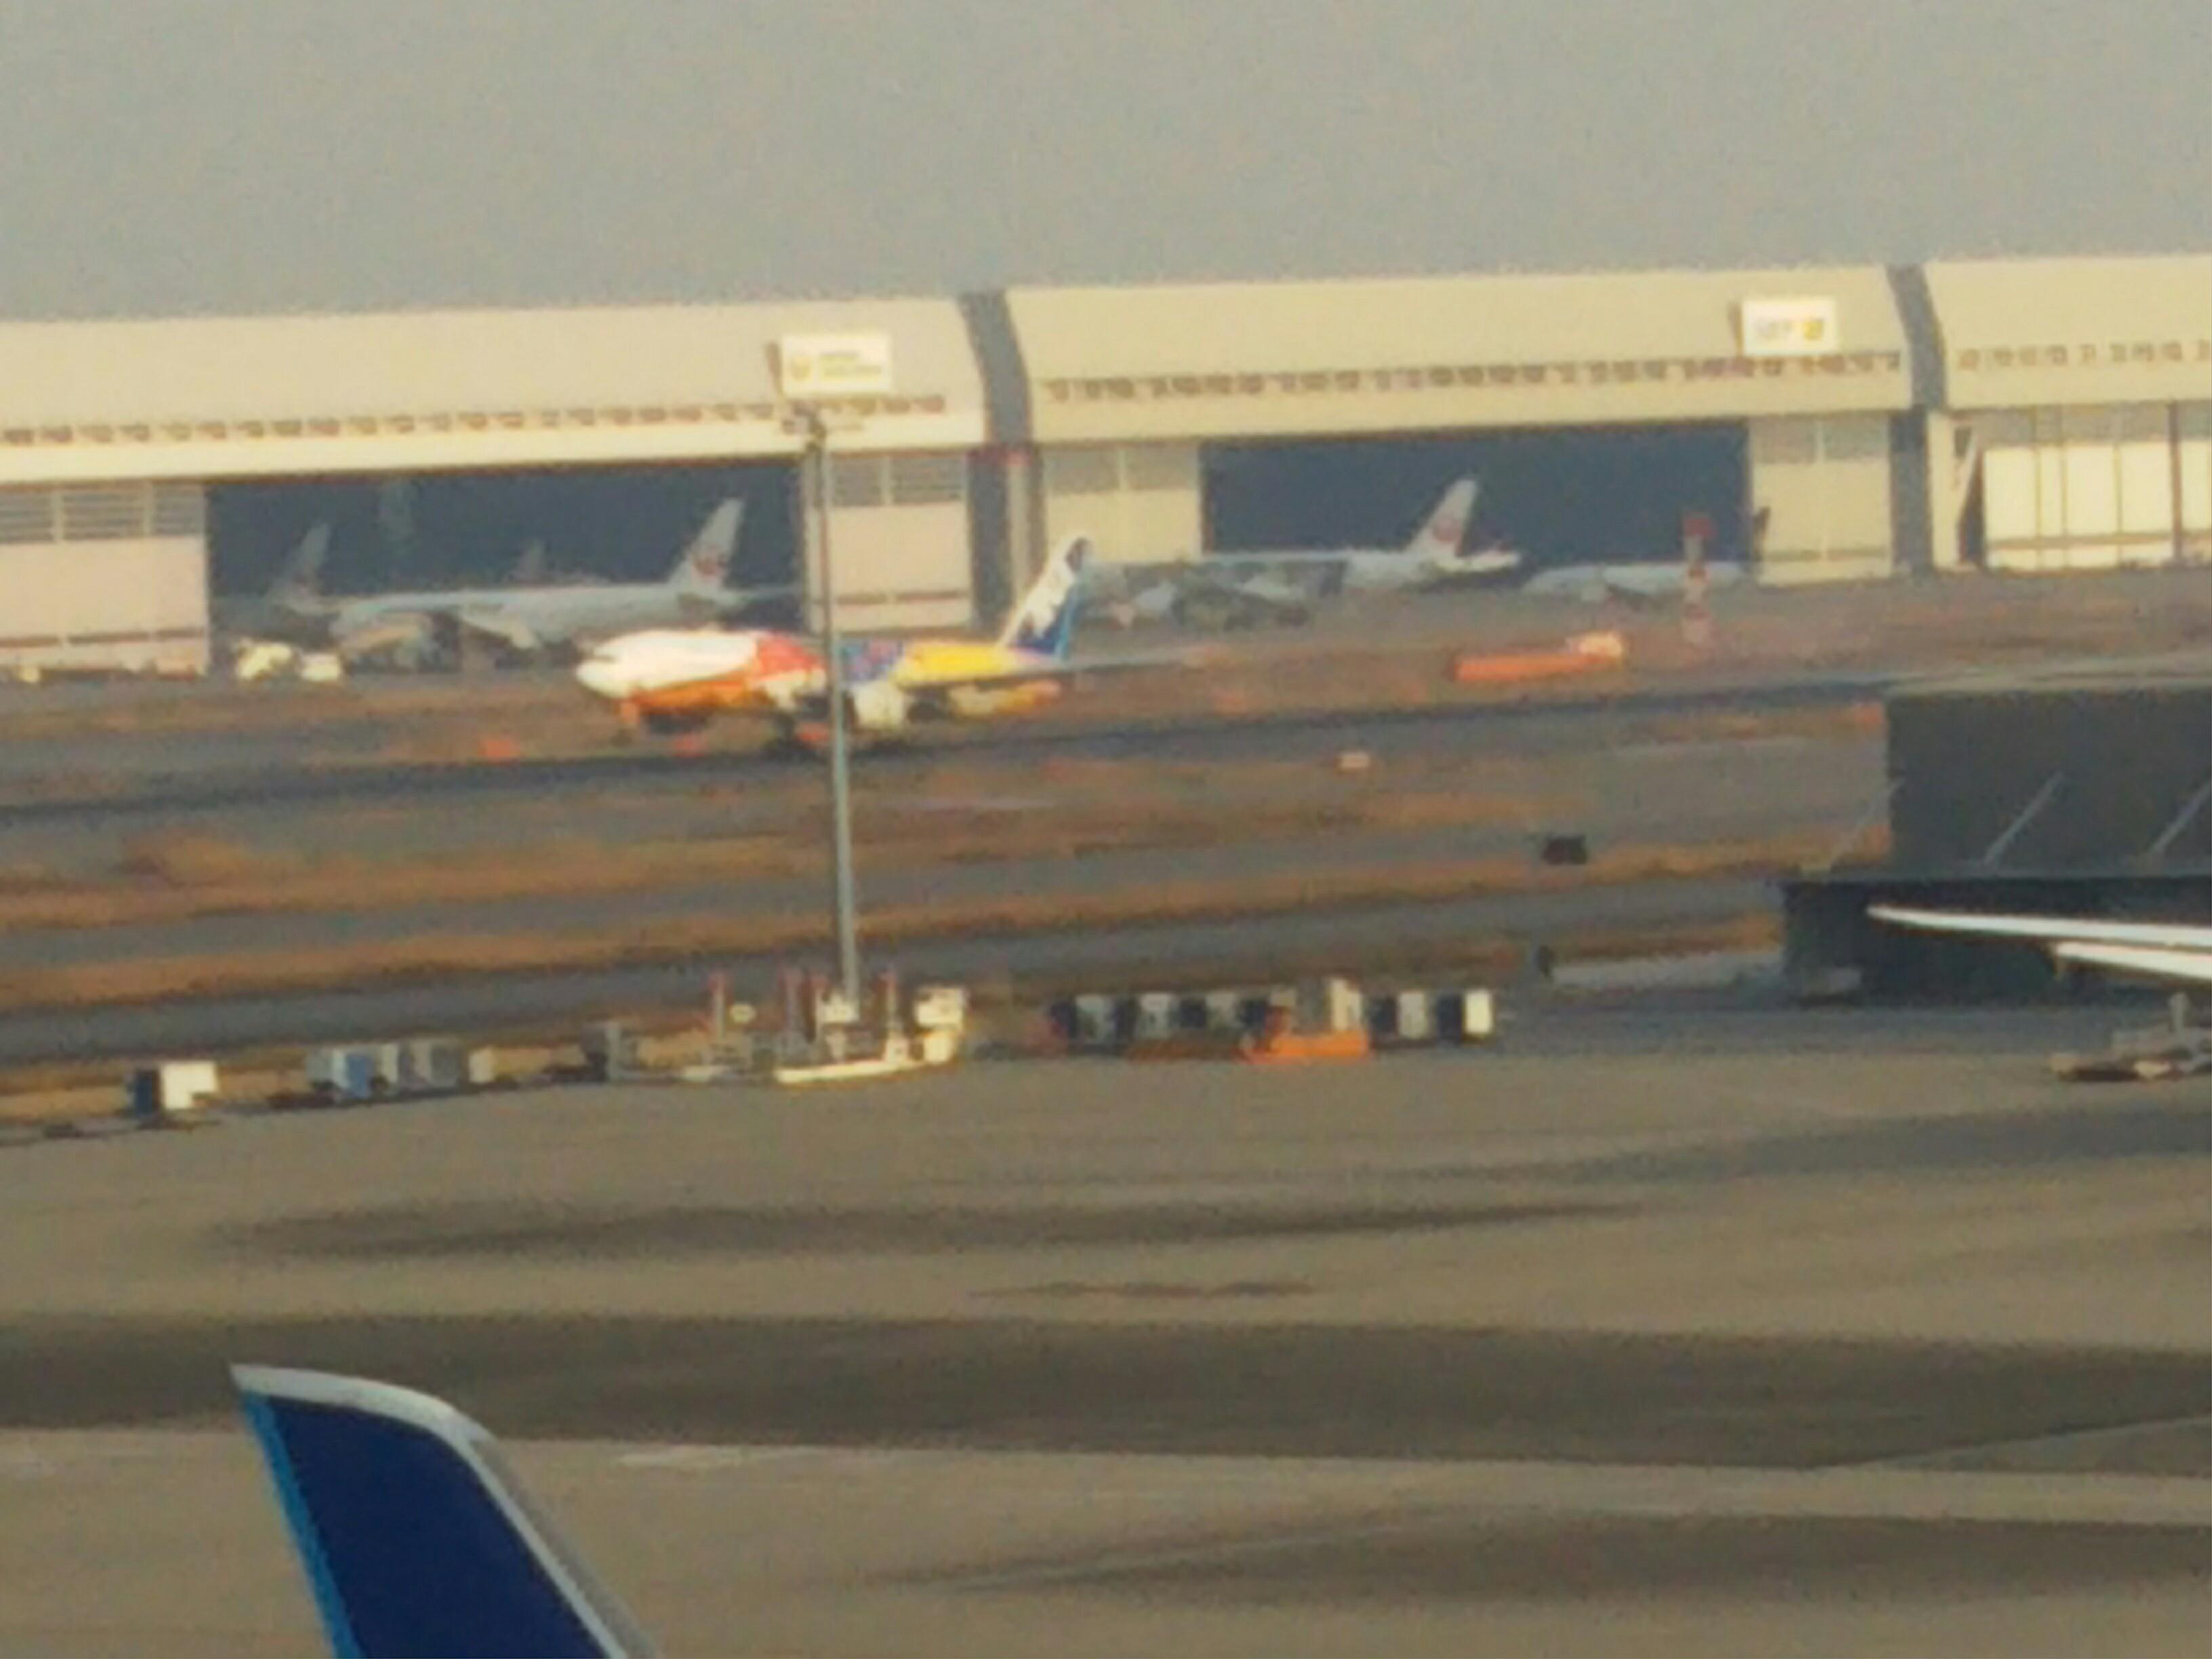 f:id:A350-900:20210109214808j:image